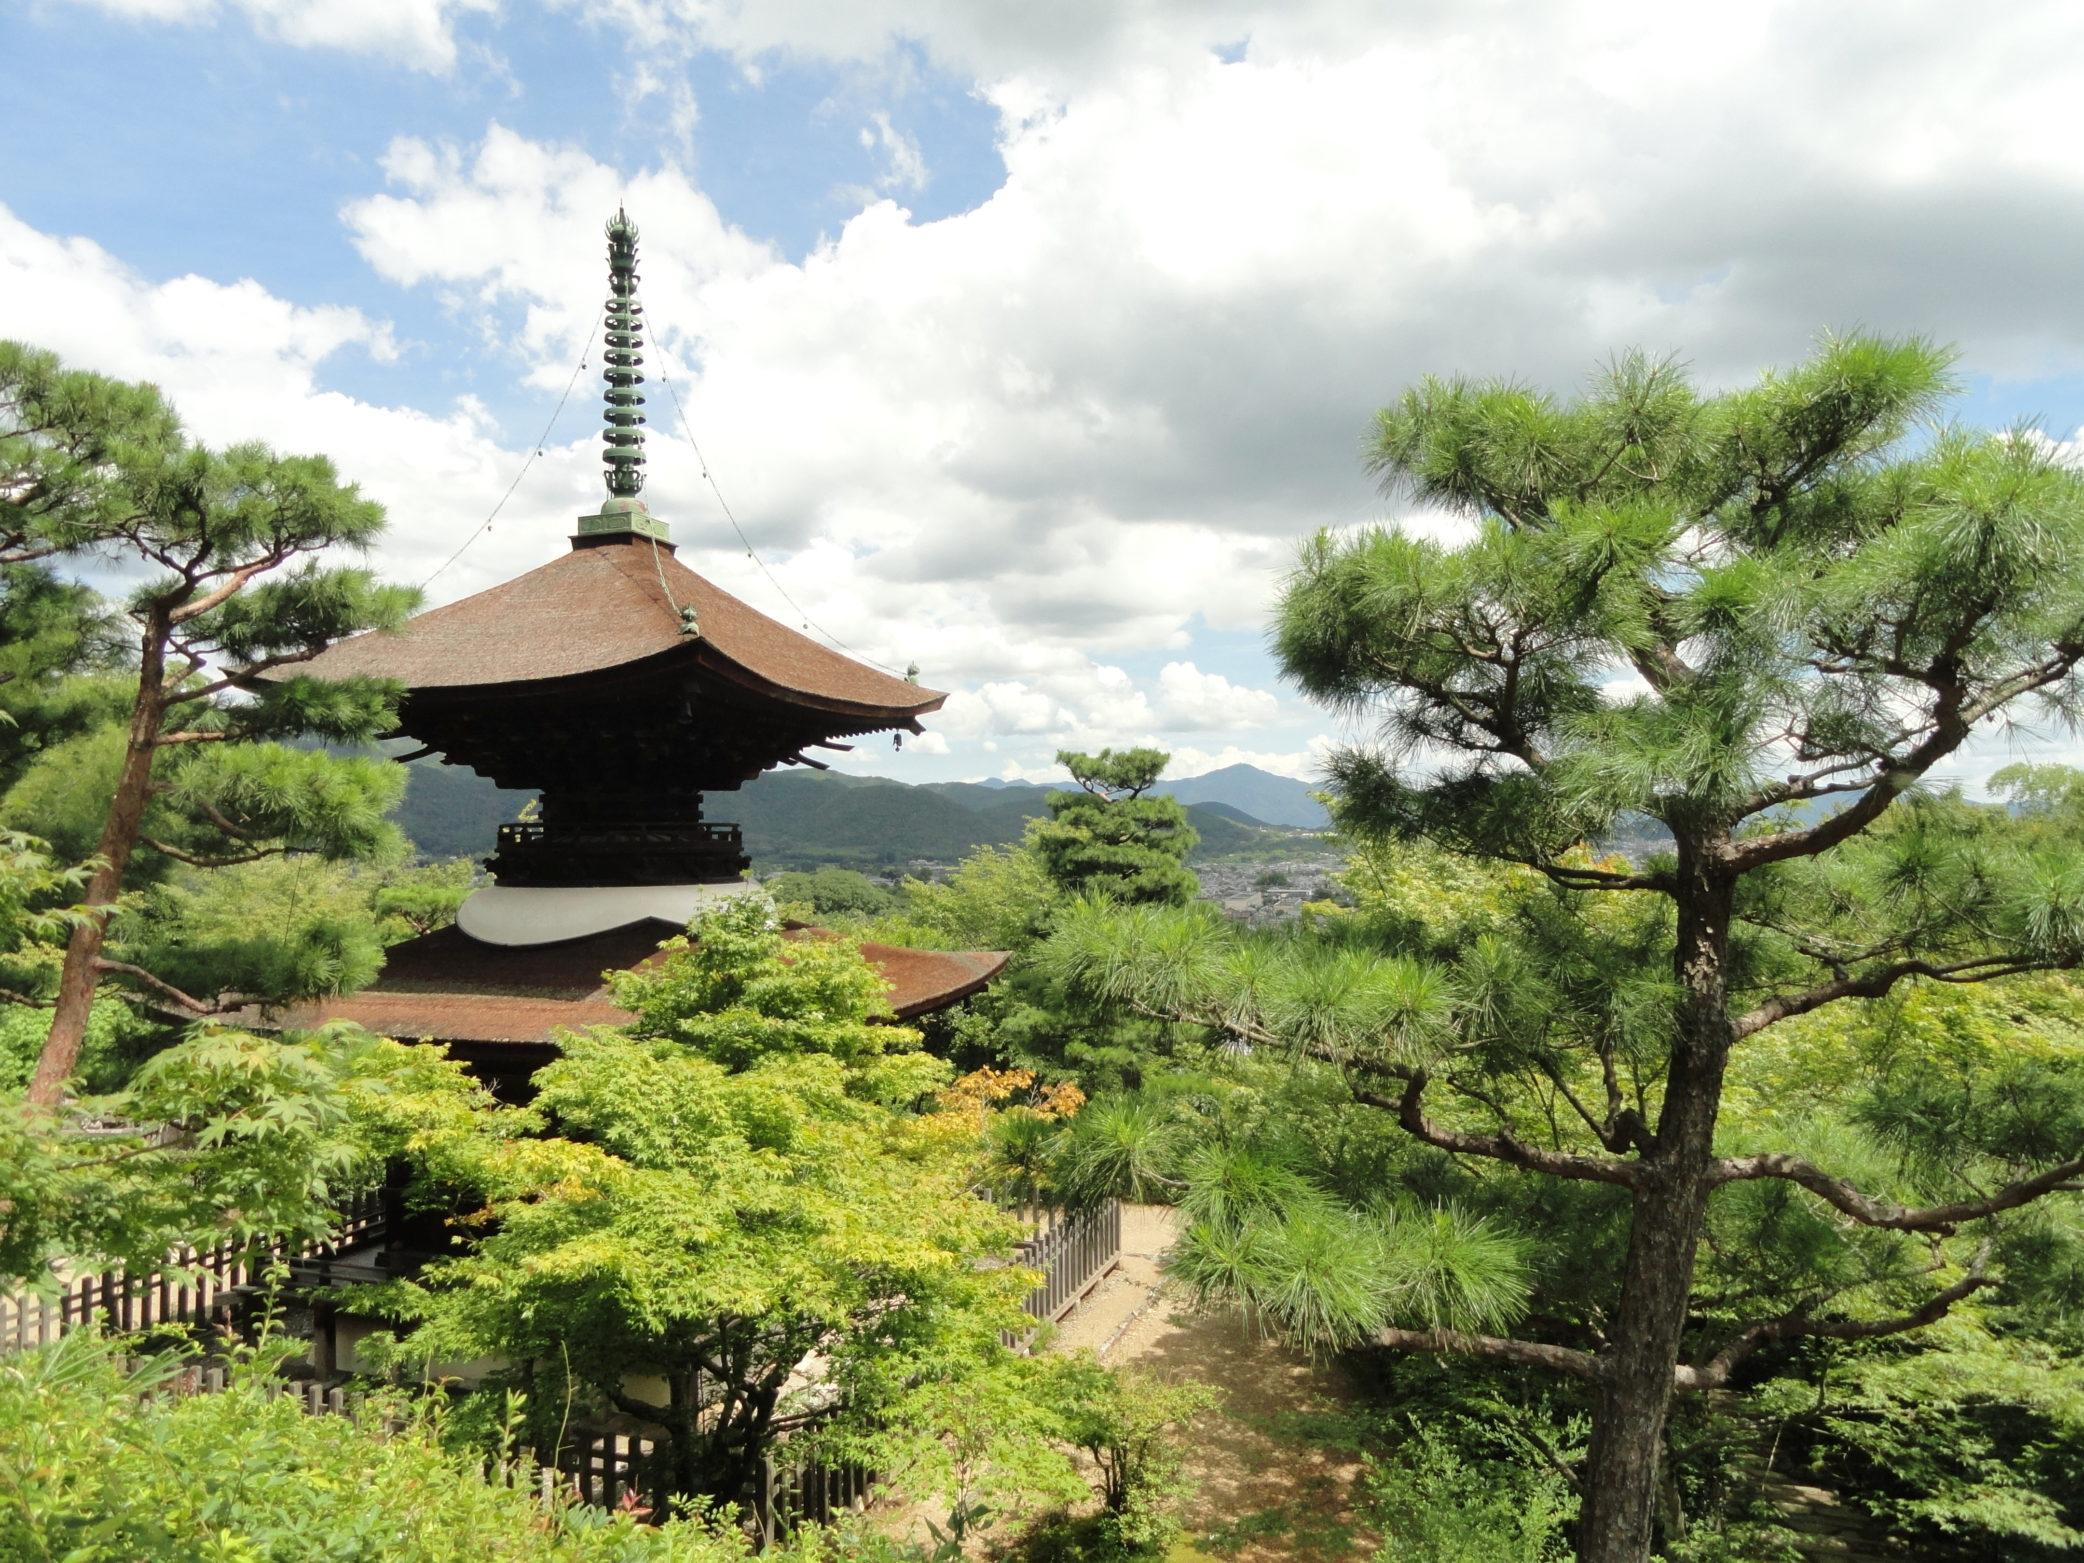 ג'וג'אקוג'י – אראשיאמה – Jojakko-ji Temple